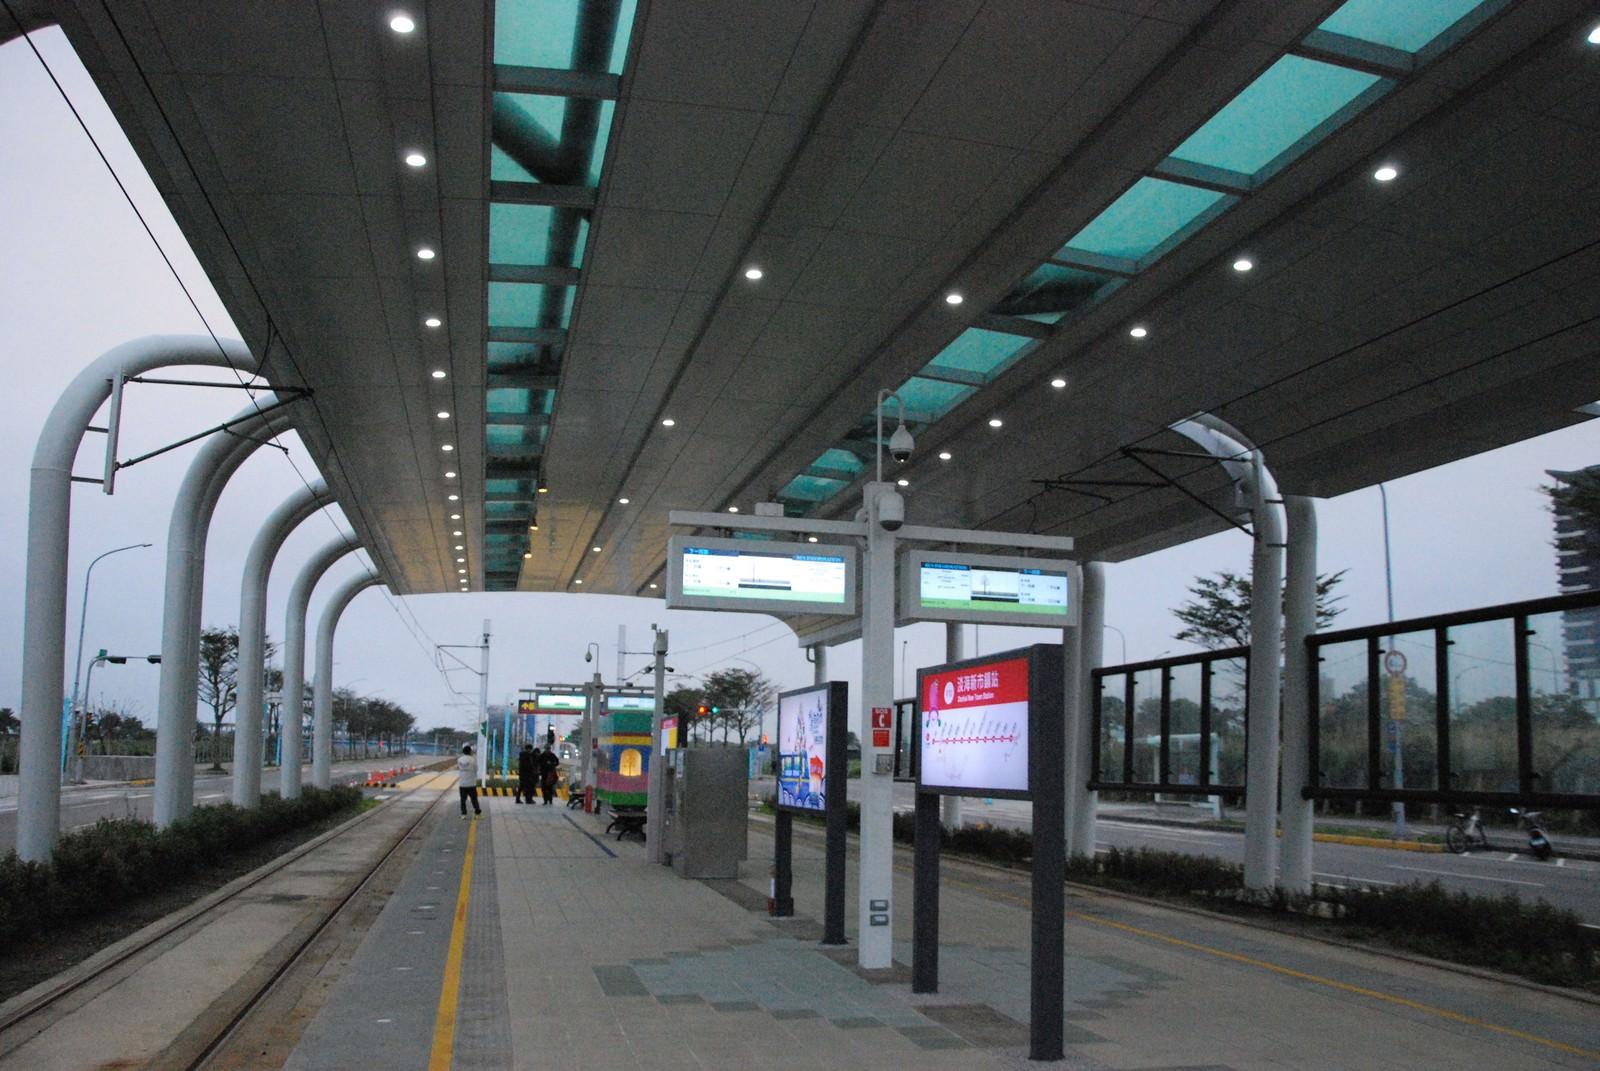 淡海輕軌綠山線, 輕軌淡海新市鎮站, 車站月台